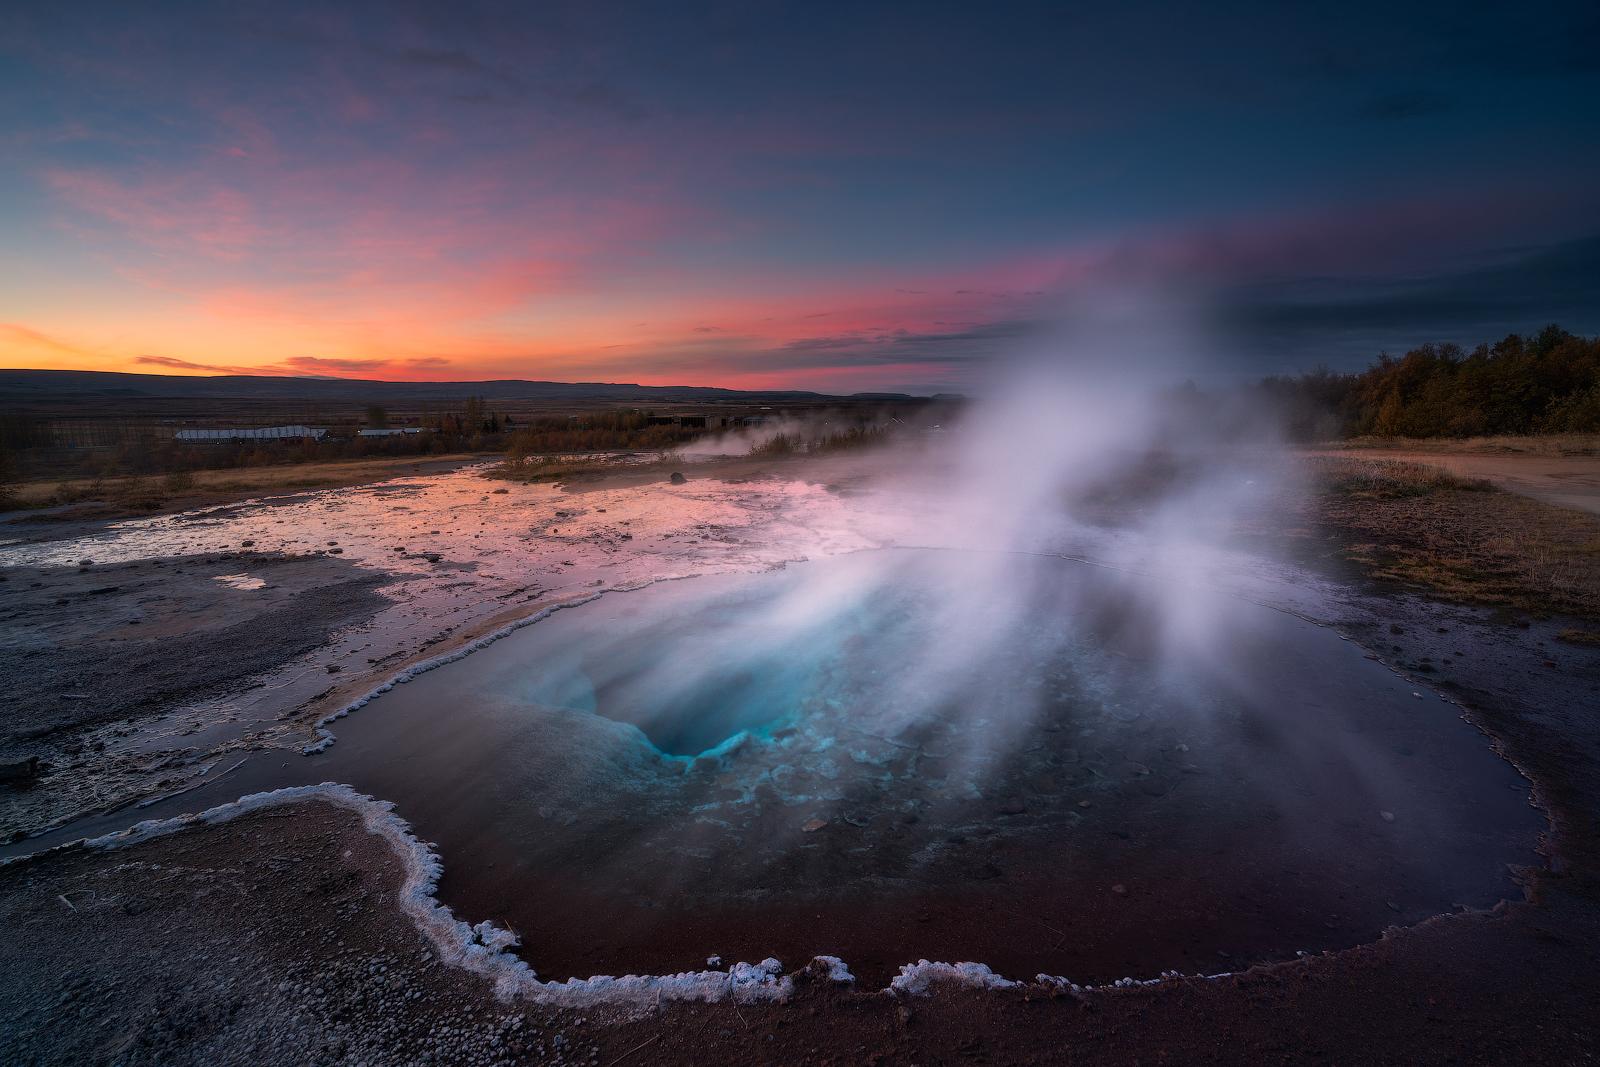 ストロックル間欠泉の吹き上げる直前には、青い半球ができ見る人を驚かせる